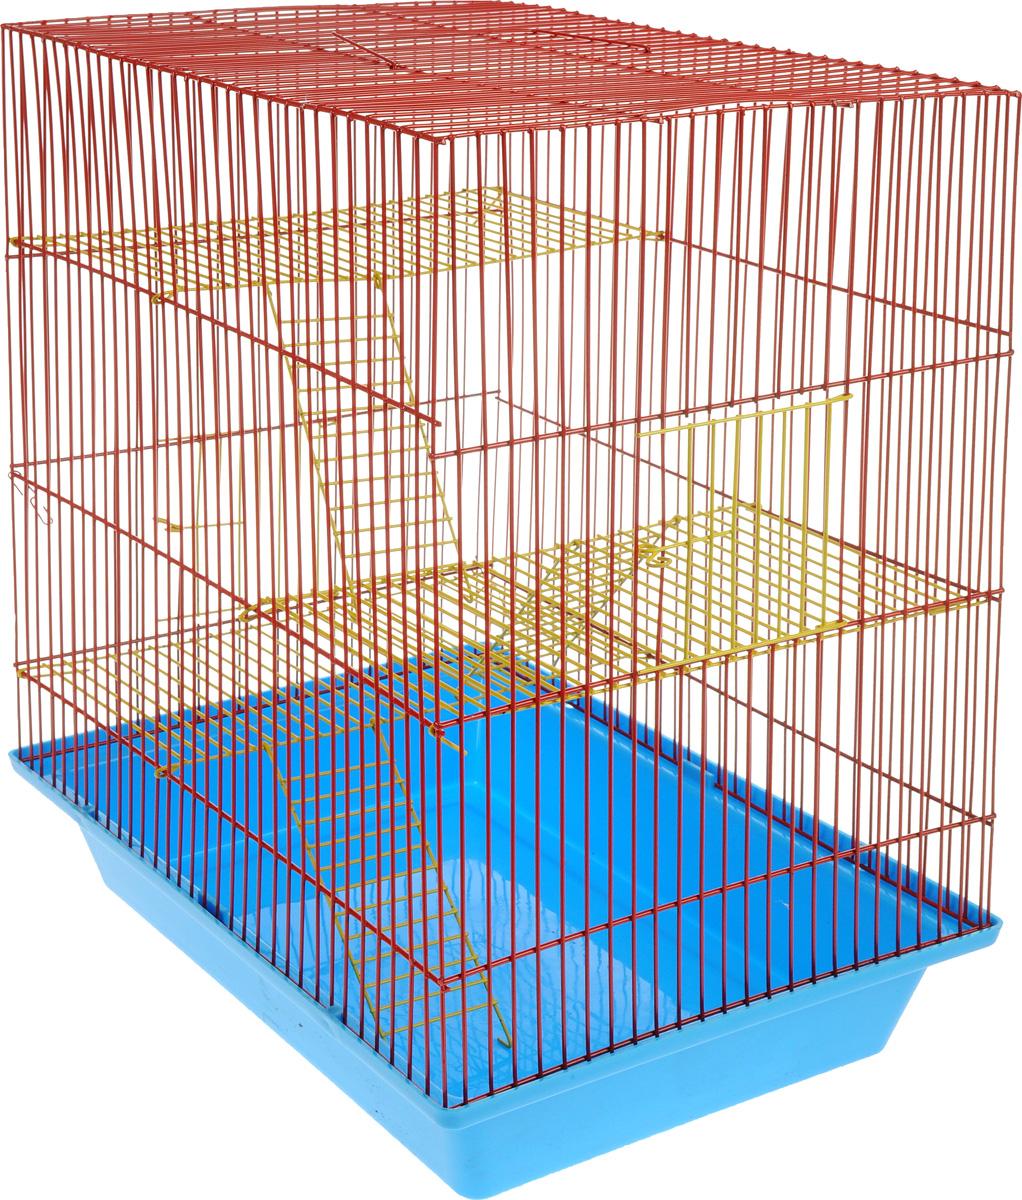 Клетка для грызунов ЗооМарк Гризли, 4-этажная, цвет: синий поддон, красная решетка, желтые этажи, 41 х 30 х 50 см240жСККлетка ЗооМарк Гризли, выполненная из полипропилена и металла, подходит для мелких грызунов. Изделие четырехэтажное. Клетка имеет яркий поддон, удобна в использовании и легко чистится. Сверху имеется ручка для переноски.Такая клетка станет уединенным личным пространством и уютным домиком для маленького грызуна.